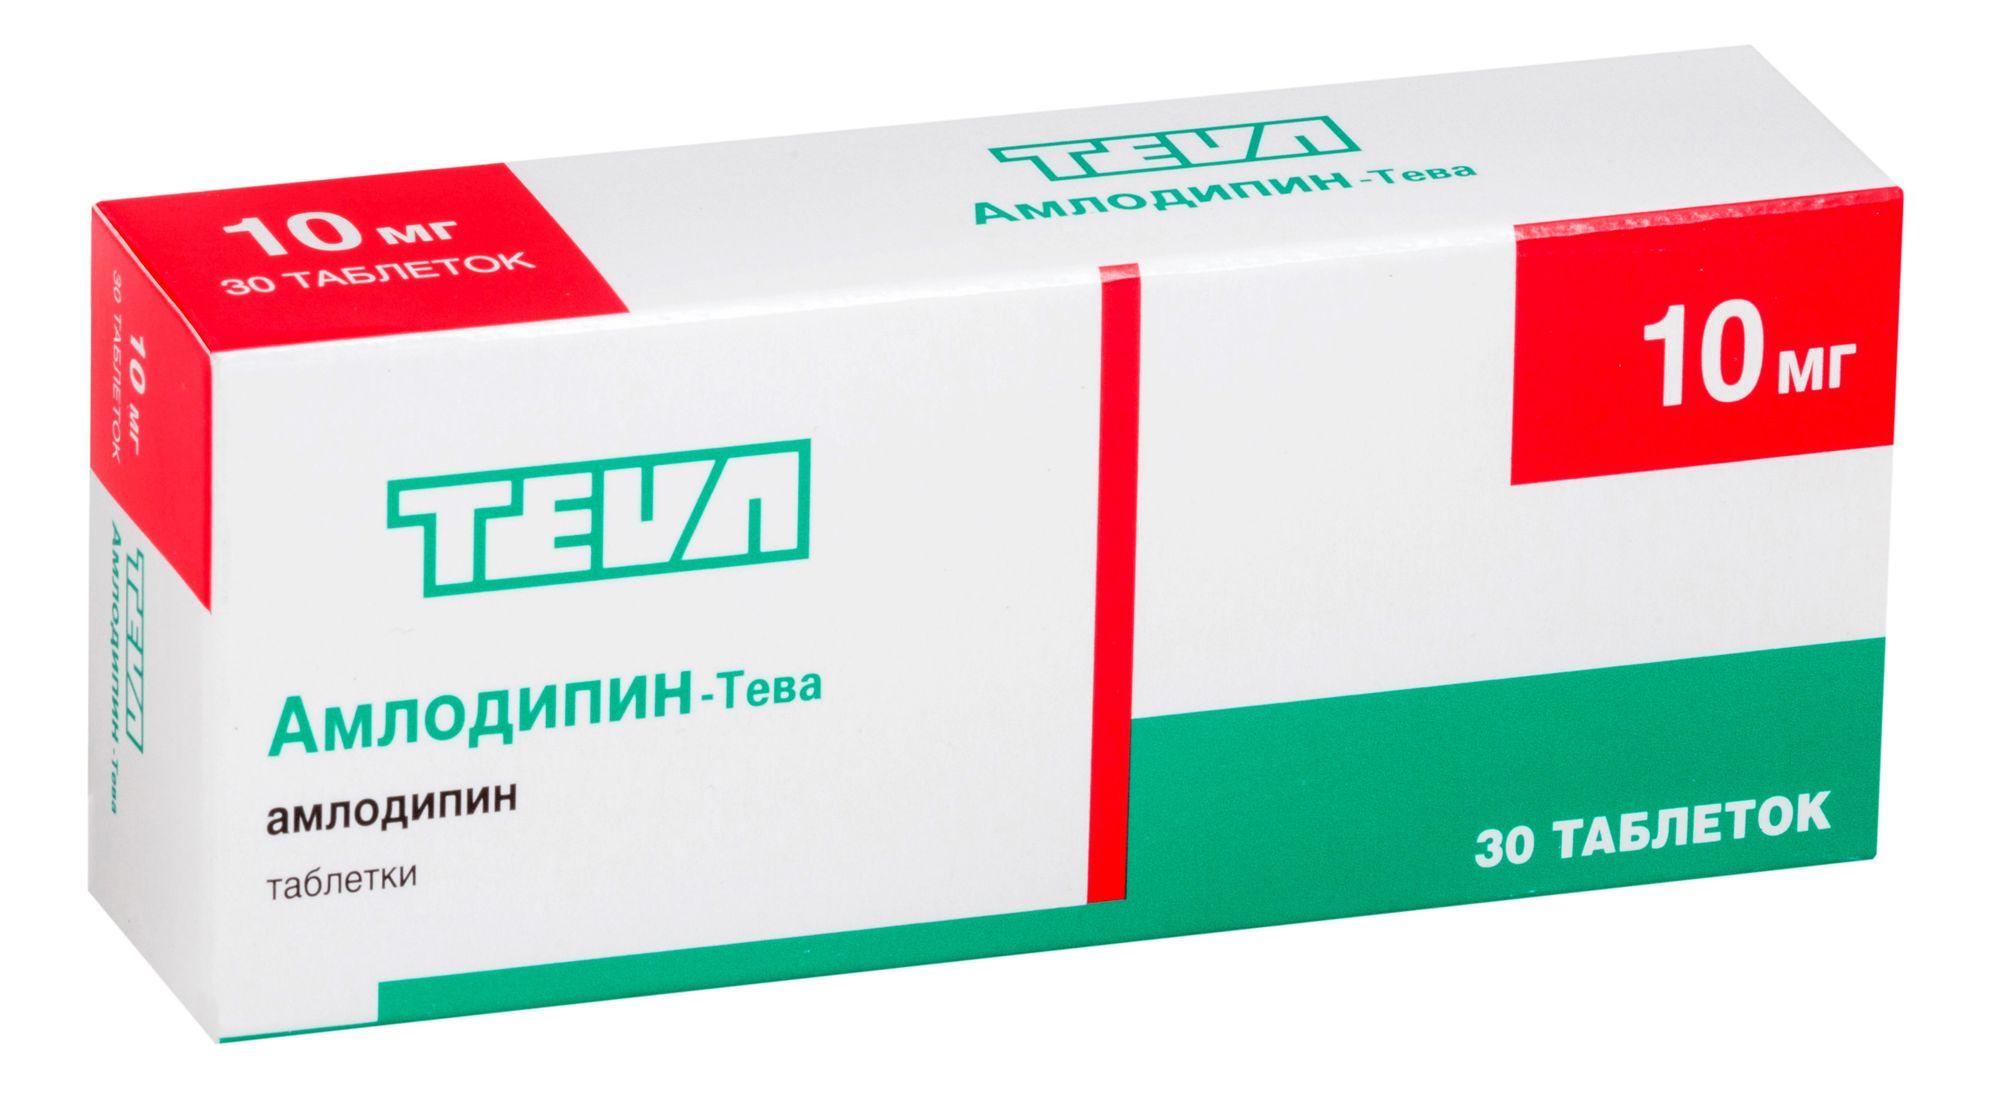 фото упаковки Амлодипин-Тева